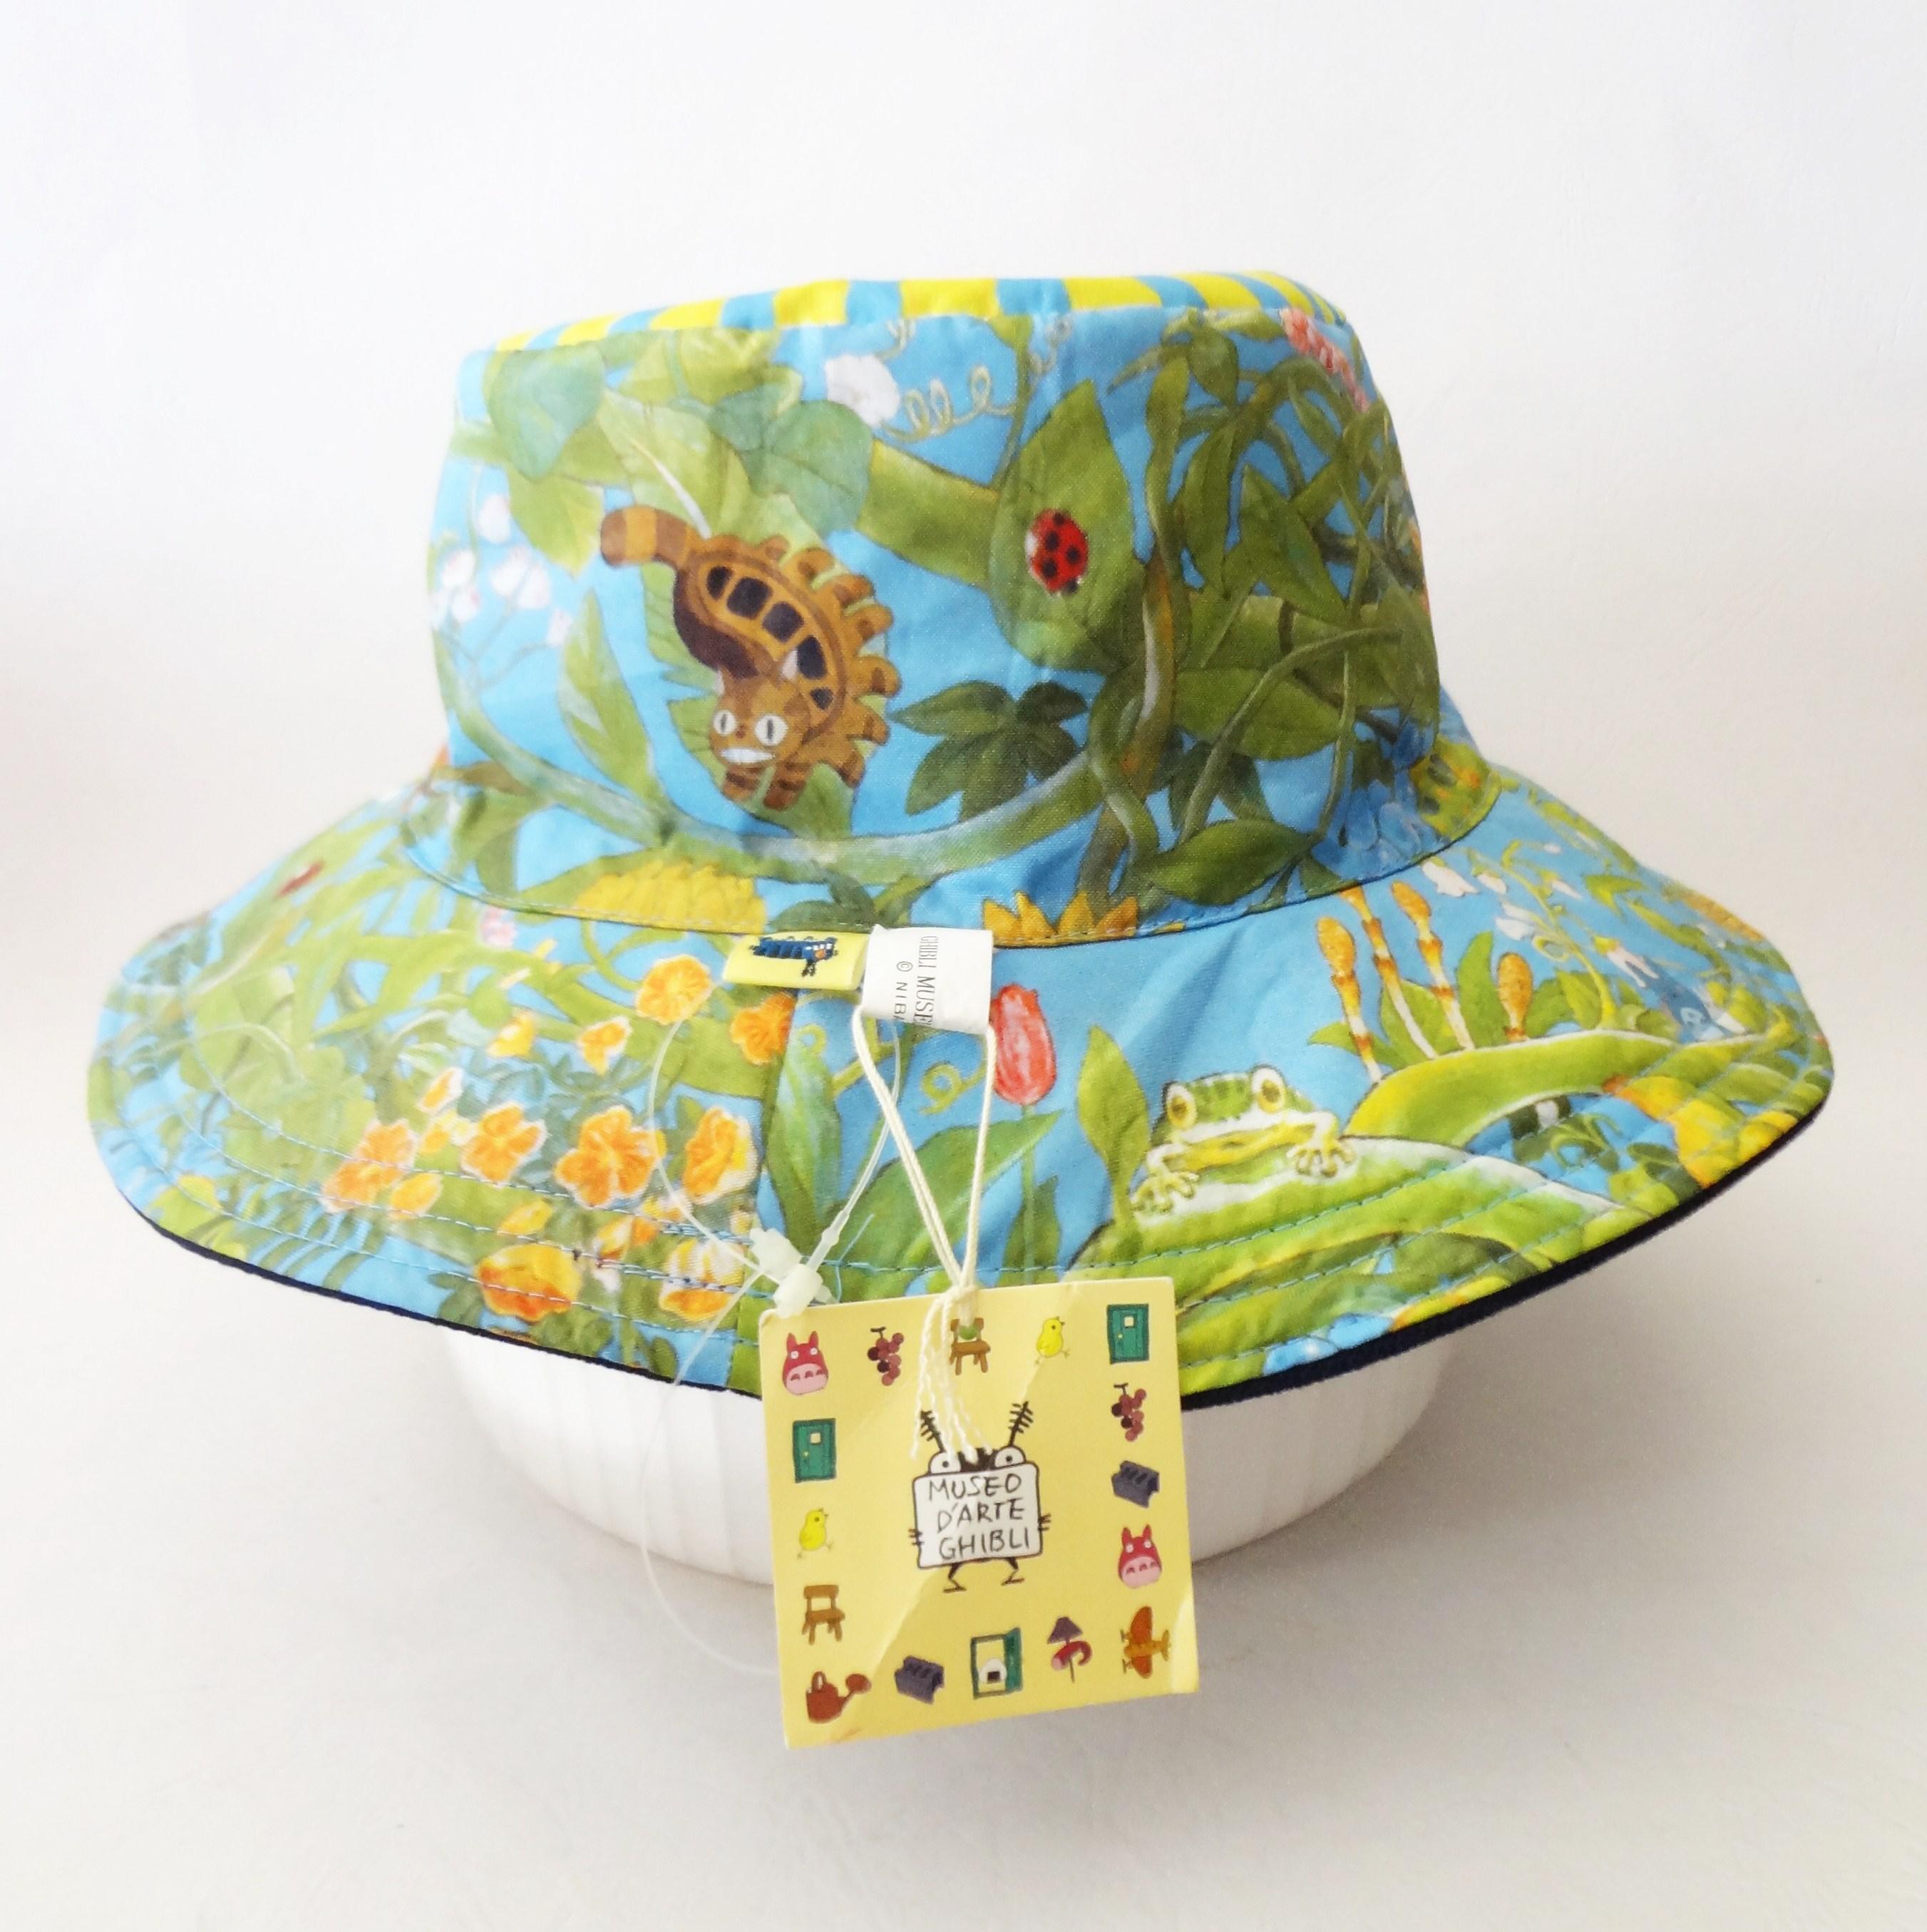 หมวก MUSED D'ARTE GHIBLI